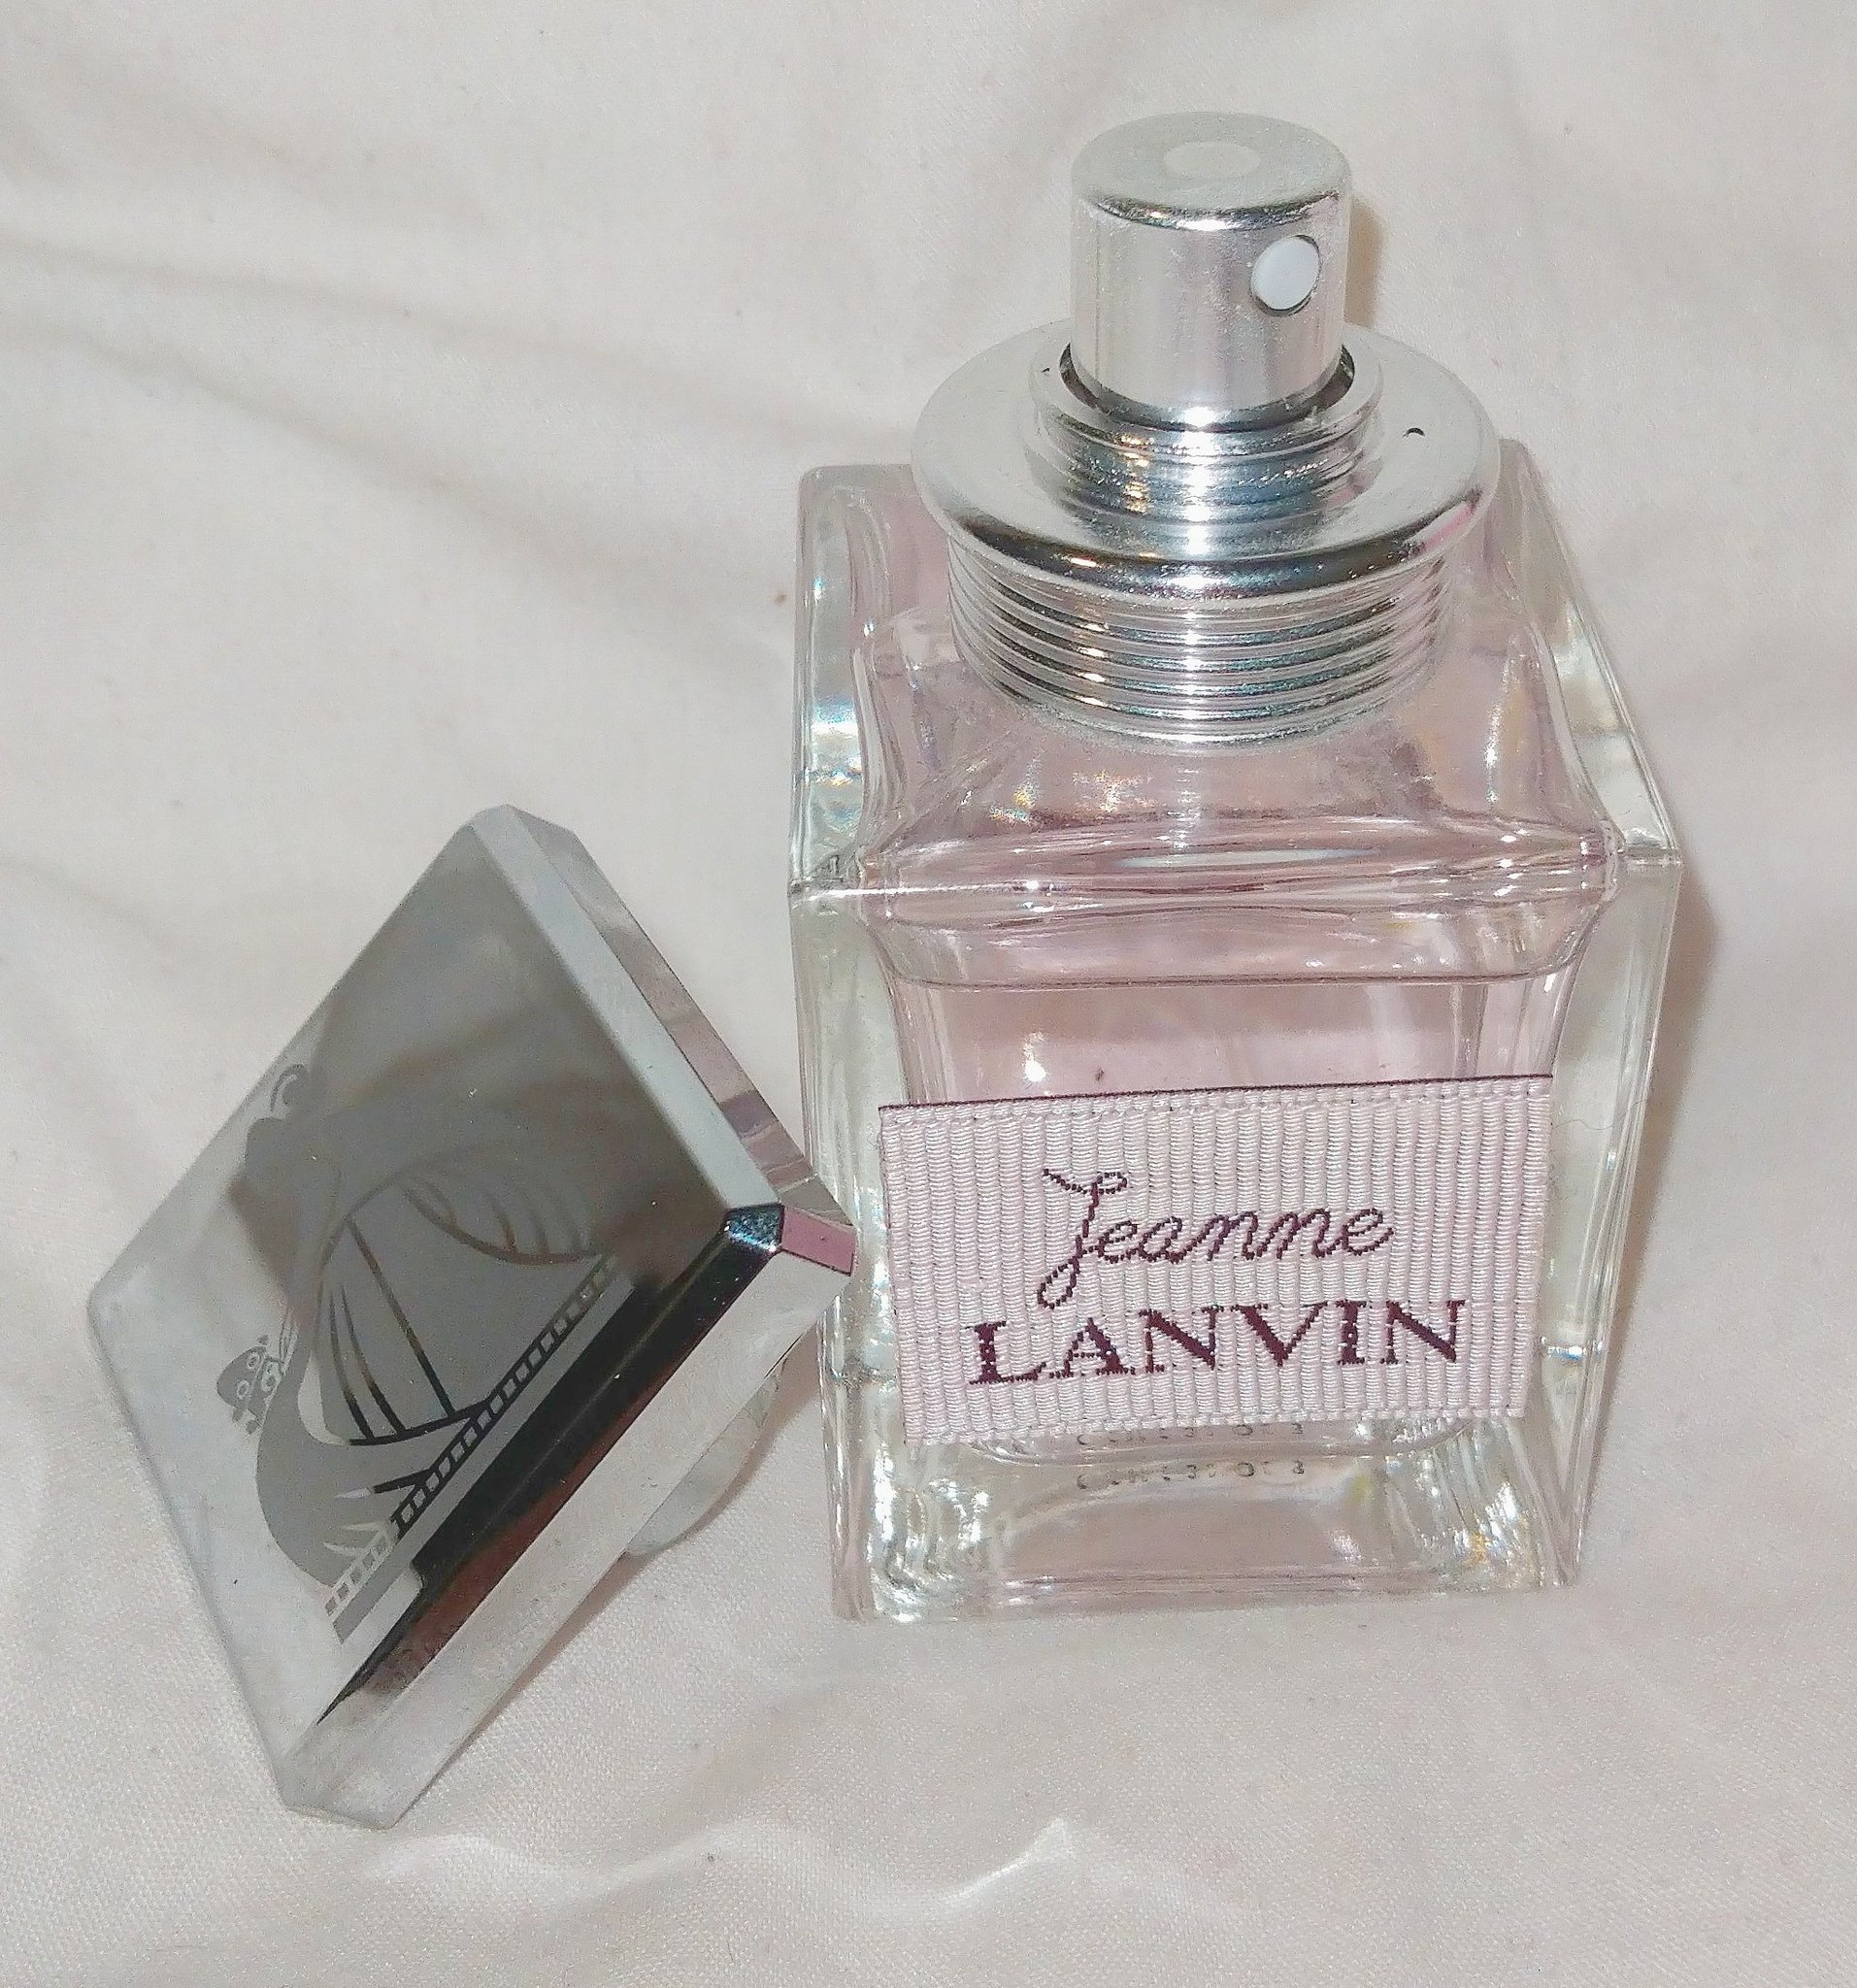 Jeanne La Rose Lanvin Parfym | Nordicfeel